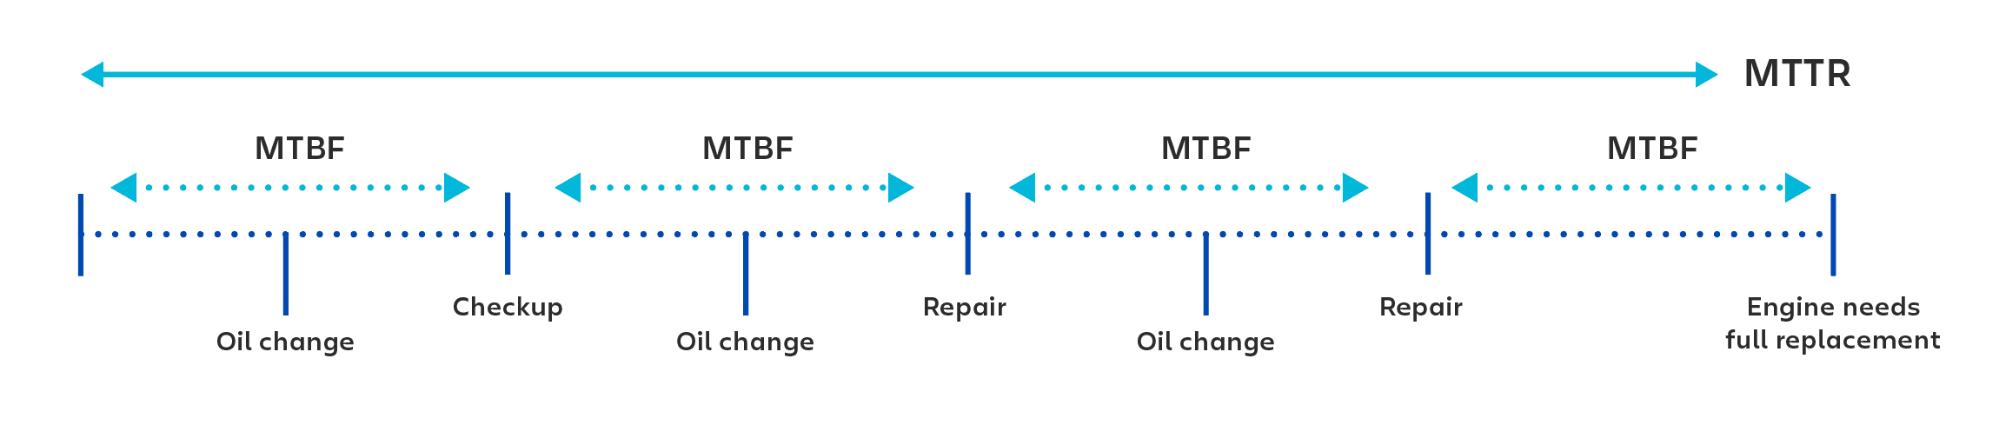 Exemplo visual de uso do MTBF (tempo médio entre falhas) no cálculo do tempo entre cada verificação ou reparo.